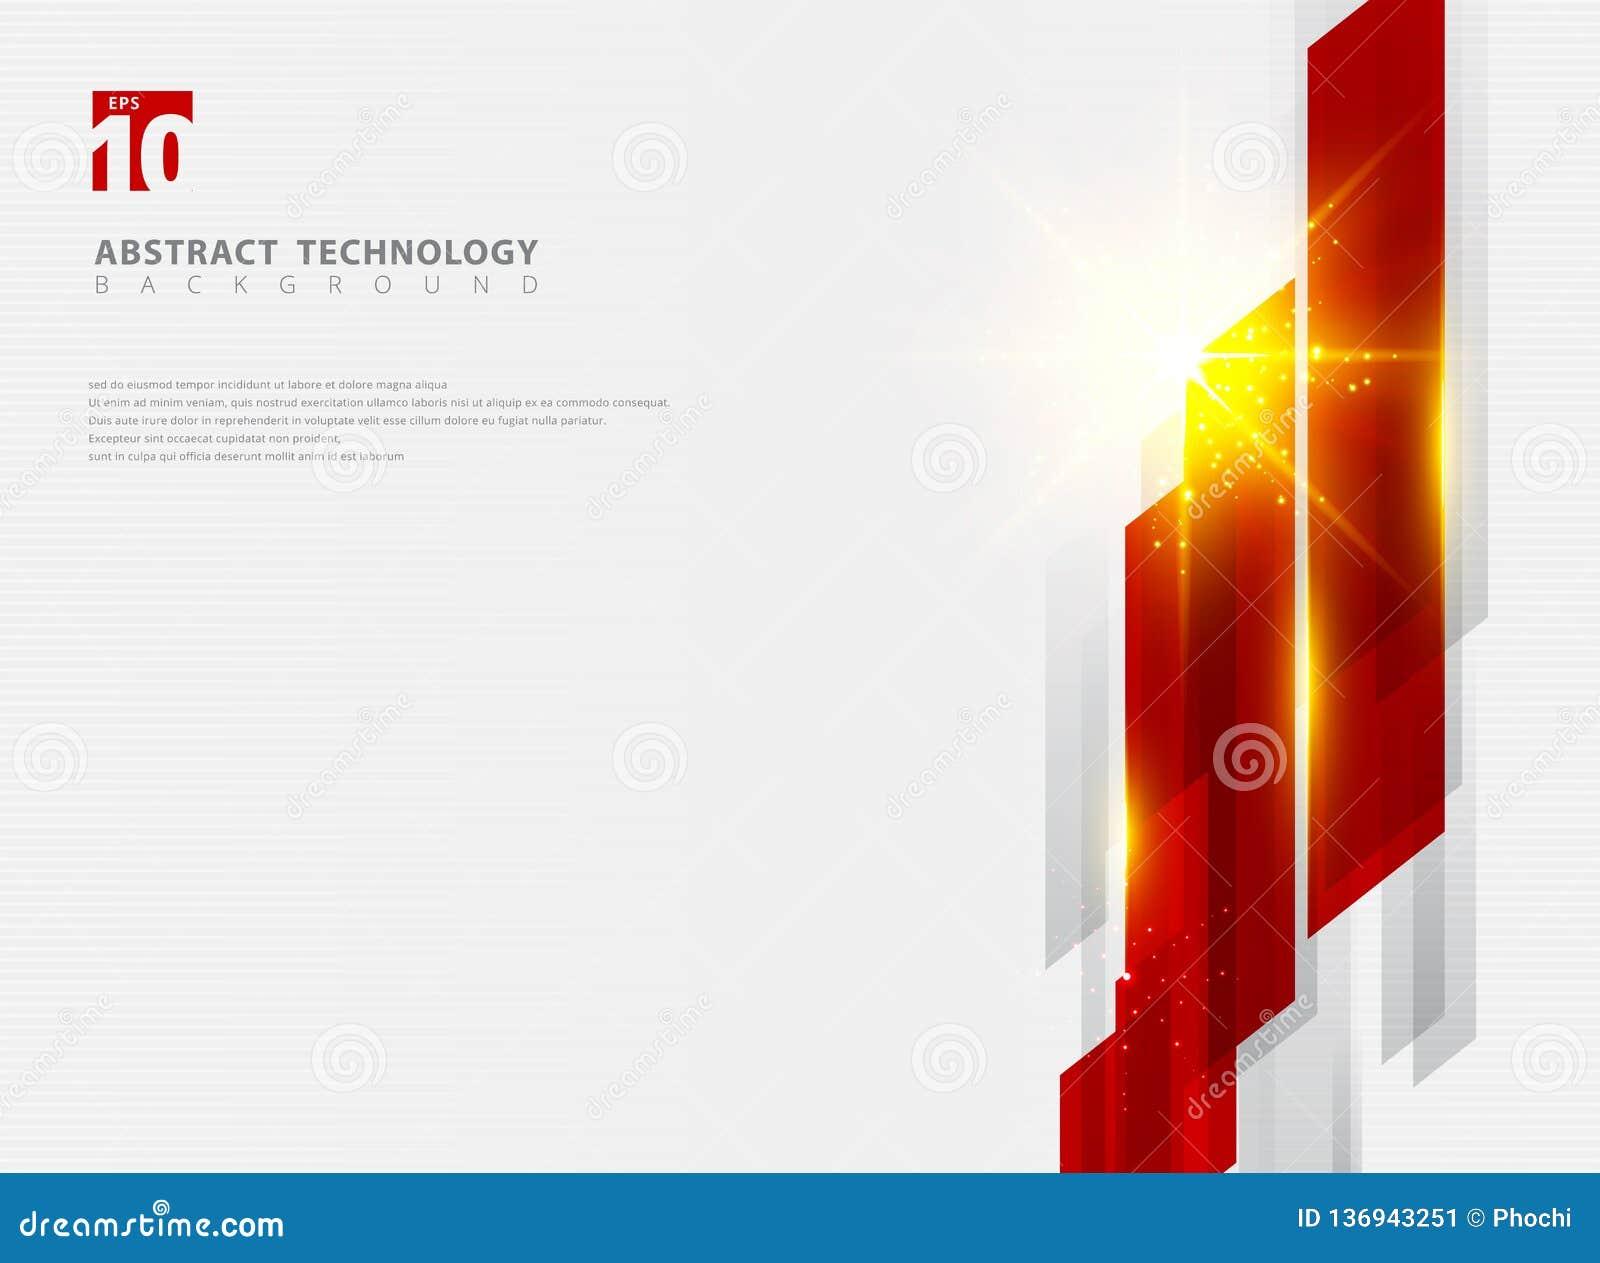 Fundo brilhante geométrico do movimento da cor vermelha da tecnologia do sumário com efeito da luz